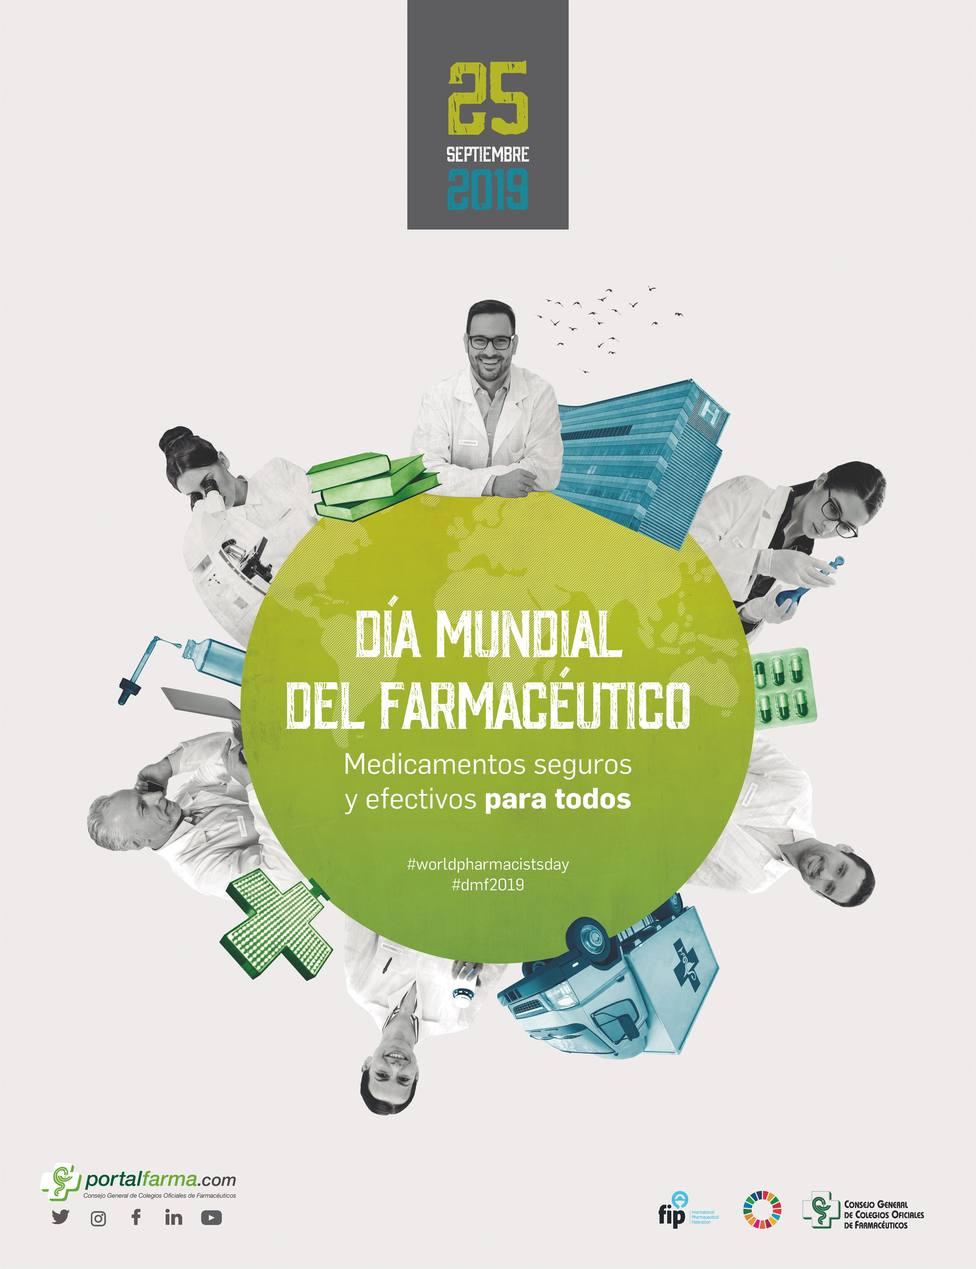 Los farmacéuticos celebran su Día Mundial el 25 de septiembre bajo el lema Medicamentos seguros y efectivos para todos